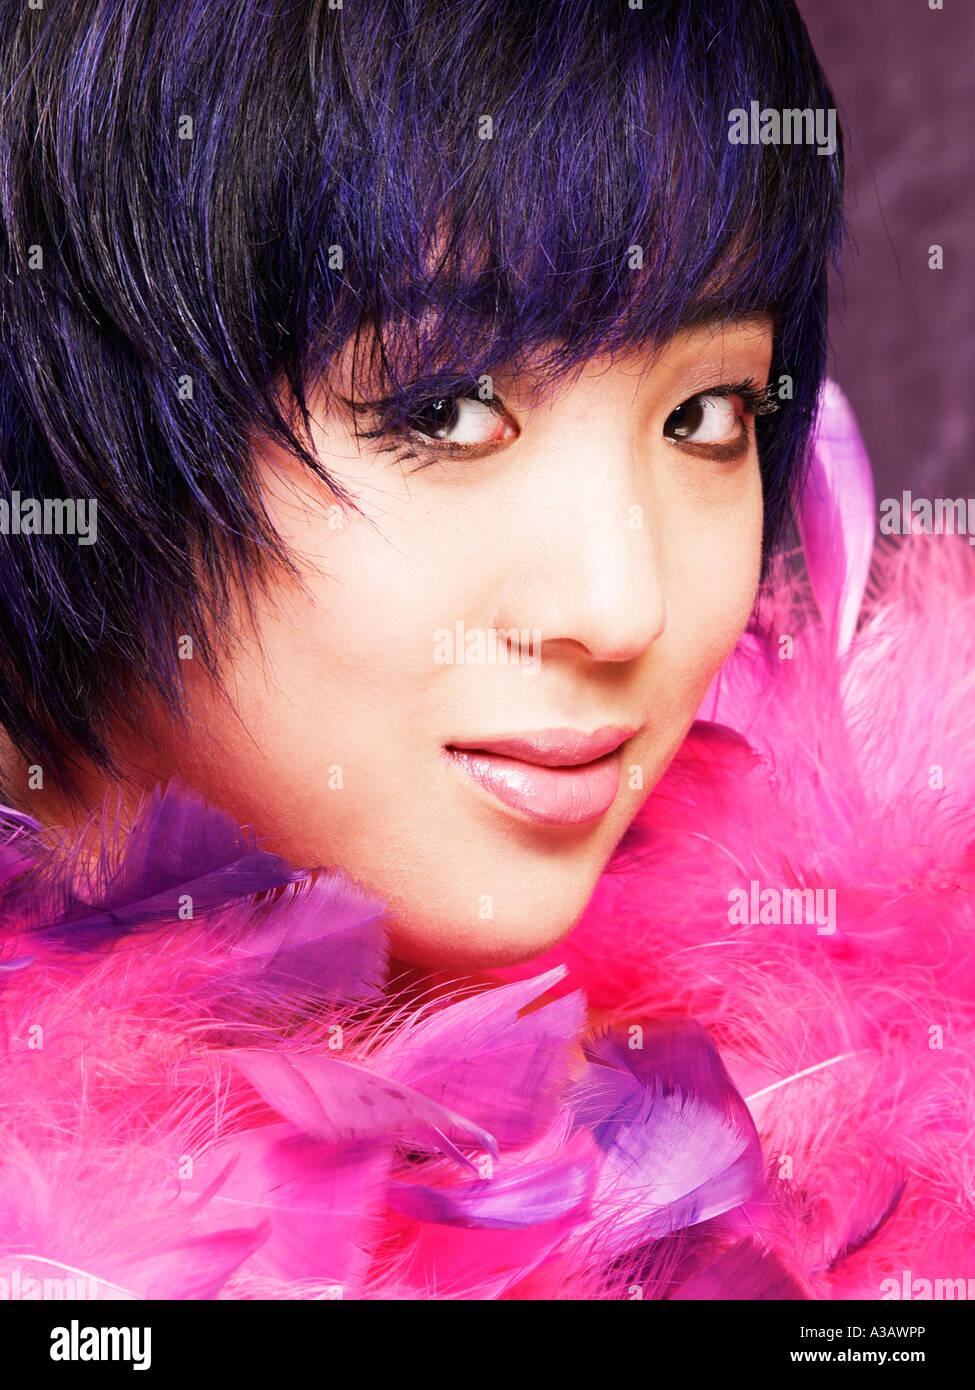 Asiatischen ethnischen Modell Mädchen mit schwarzen und blauen trendigen Haarschnitt Blick in Kamera-Porträt Stockbild